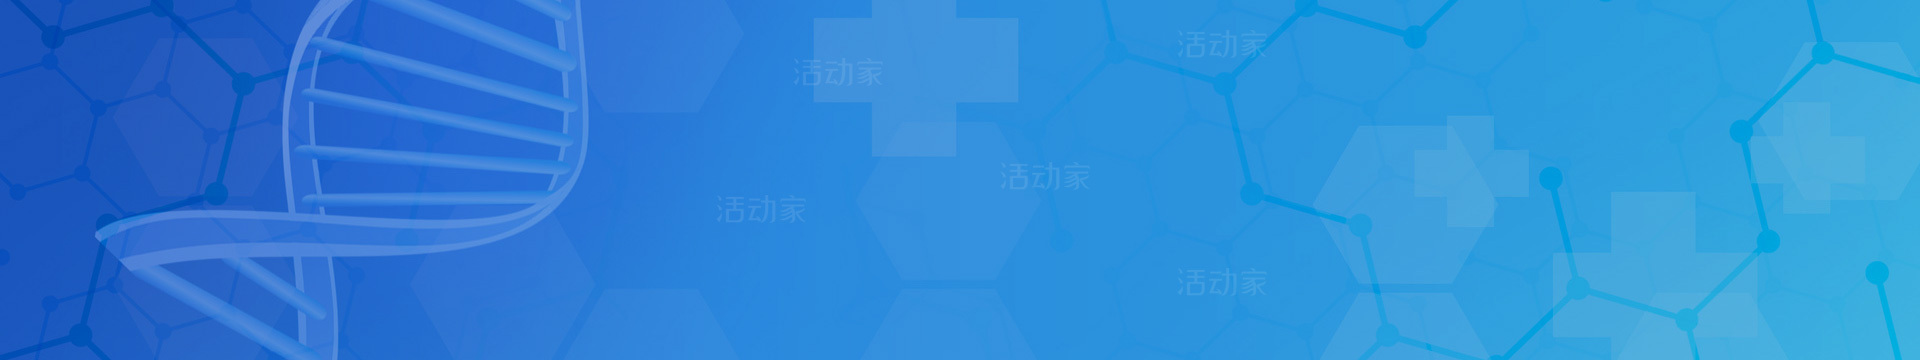 2019最新ISO制药用水标准与ISPE确认指南深度解析实施专题研修班(杭州)